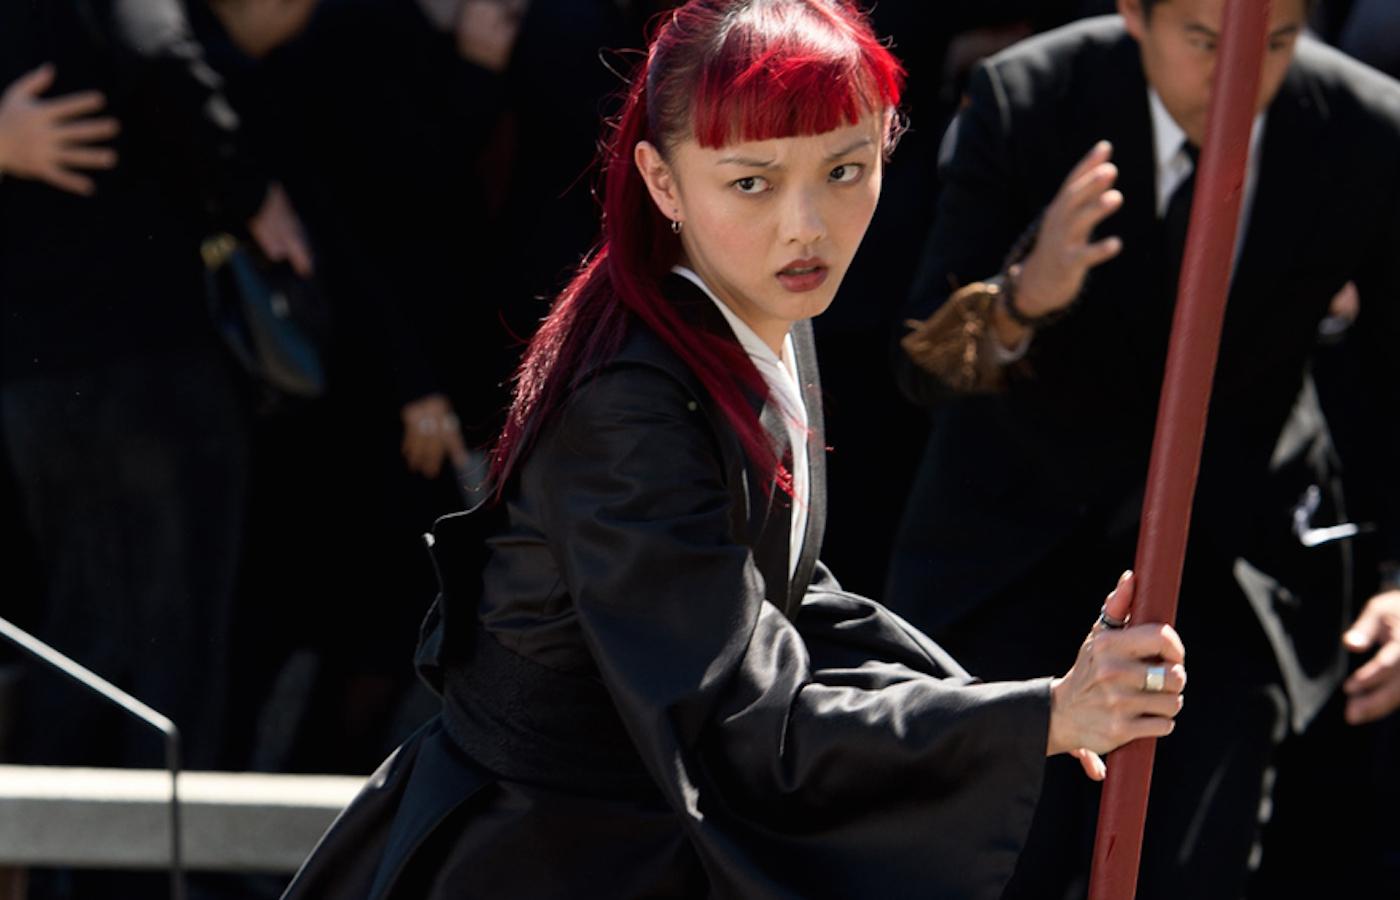 ハリウッド実写『攻殻機動隊』に『ウルヴァリン3』福島リラの出演が決定!